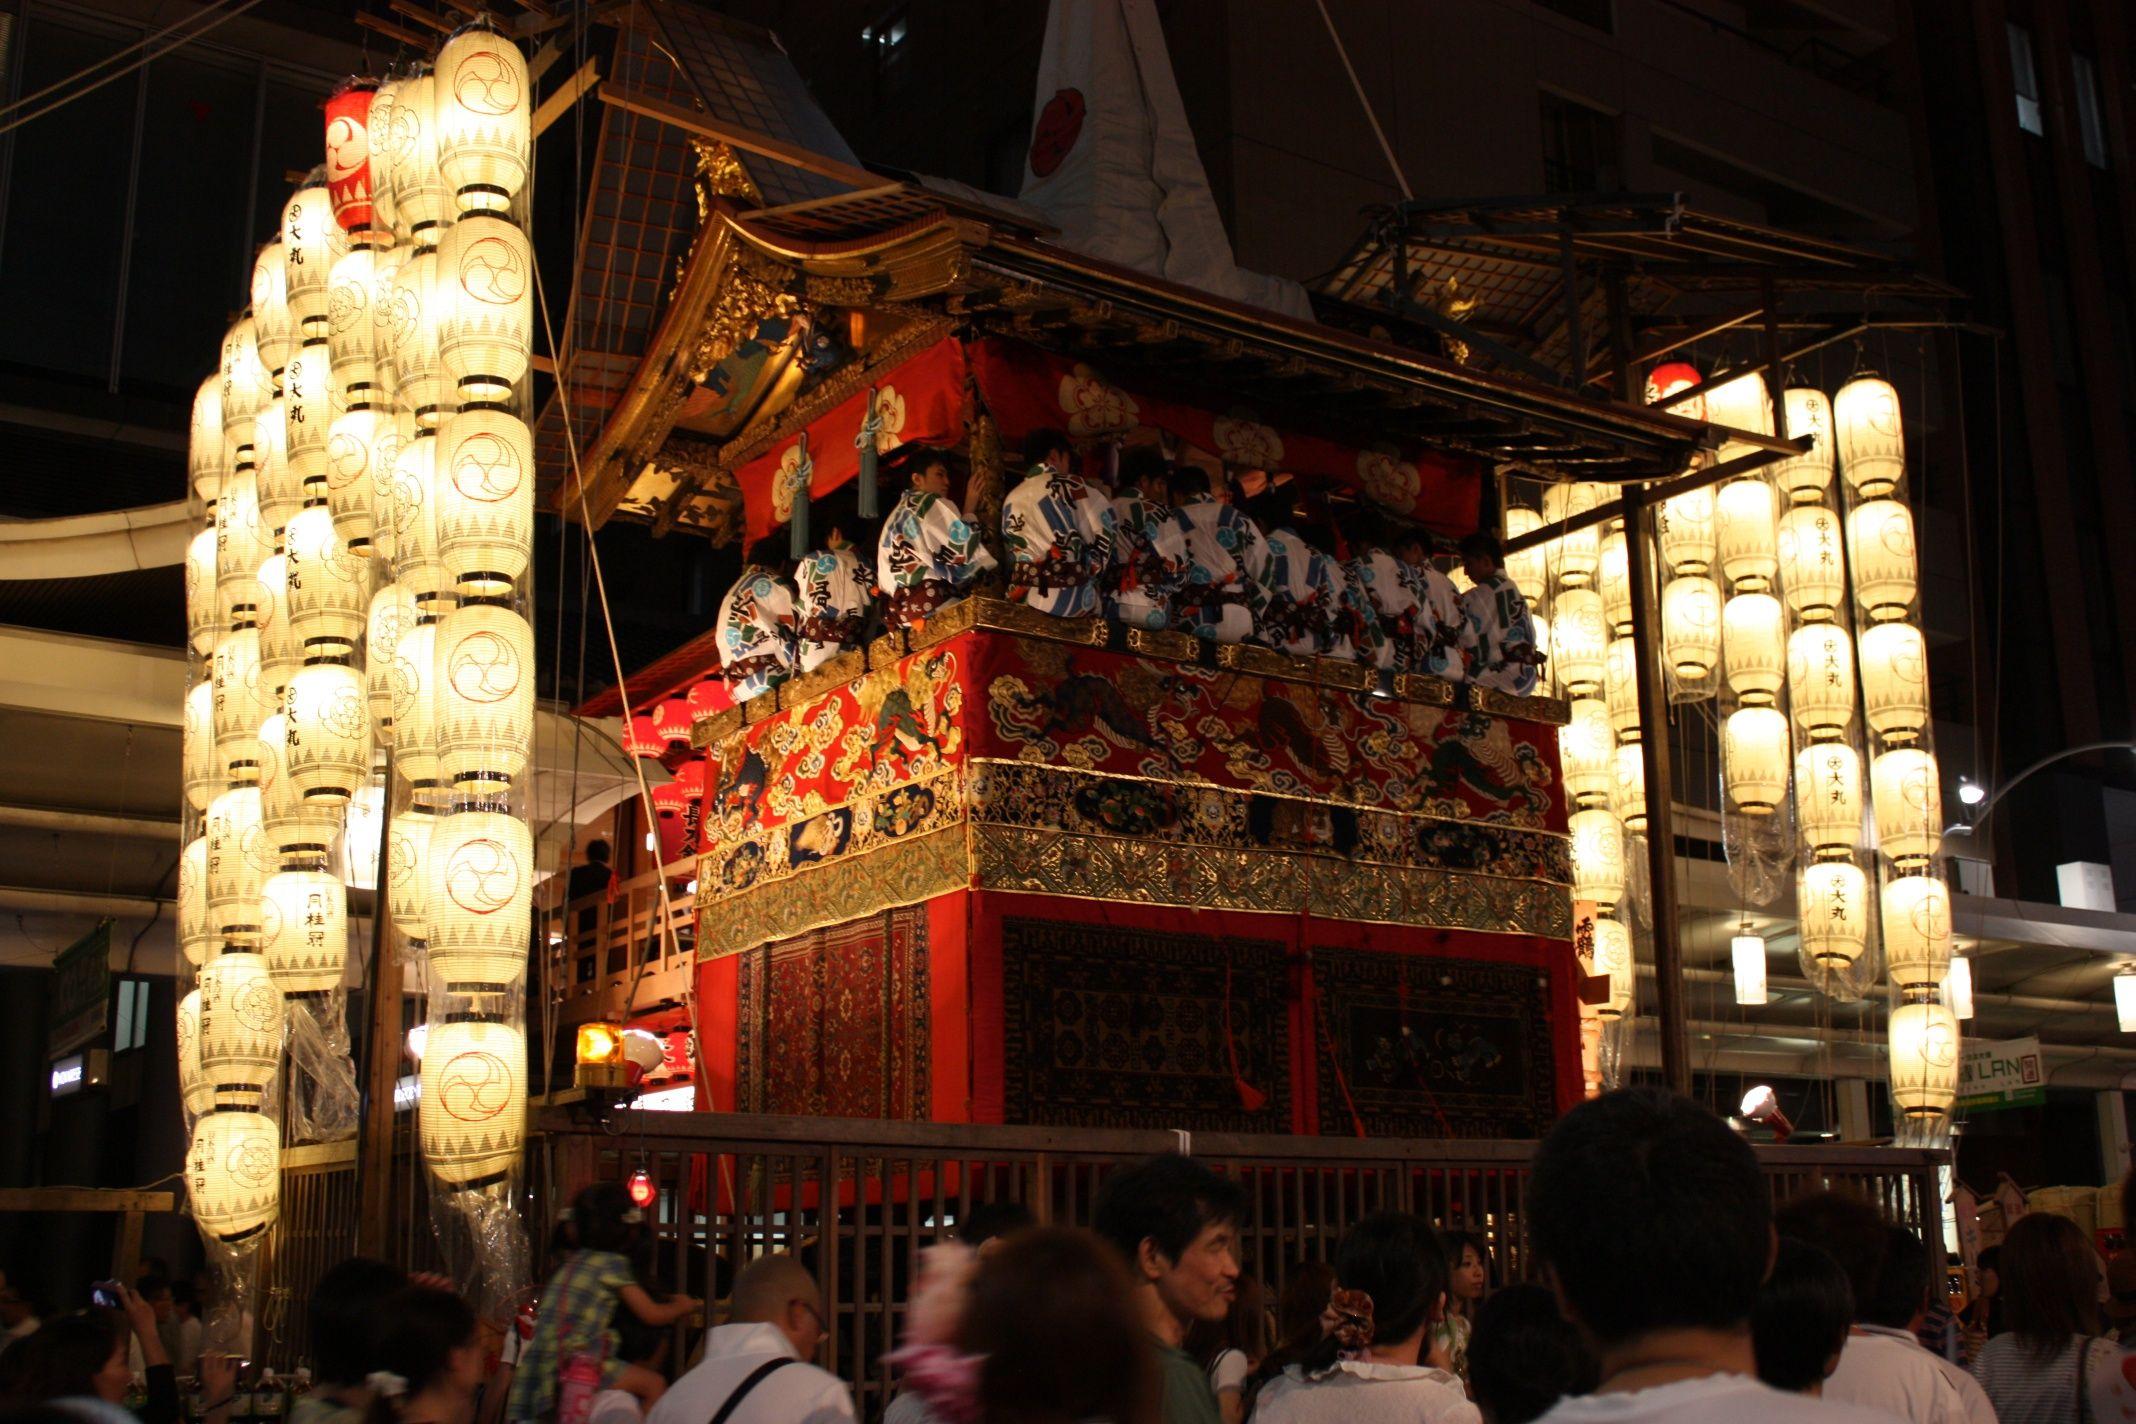 Night time, YoiYoiYoiYama Gion matsuri! YoiYoiYoi is the ...